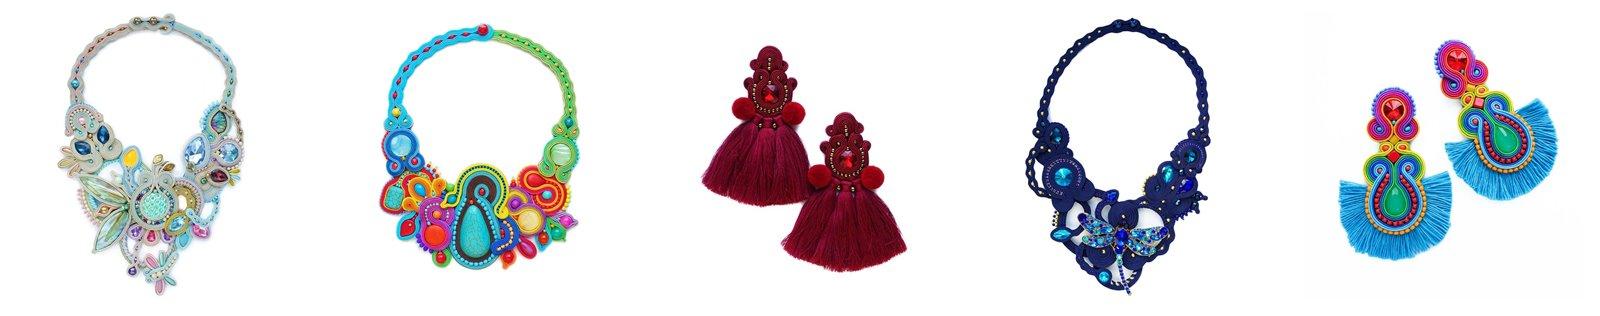 zdj 5 mró soutache jak zrobić biżuterię techniką soutache kolczyki biżuteria na wesele ślub pompony tęczowa kolorowa polska firma wyrób biżuterii ręczna biżuteria handmade sandały z pomponami wywiad pomysł biznes